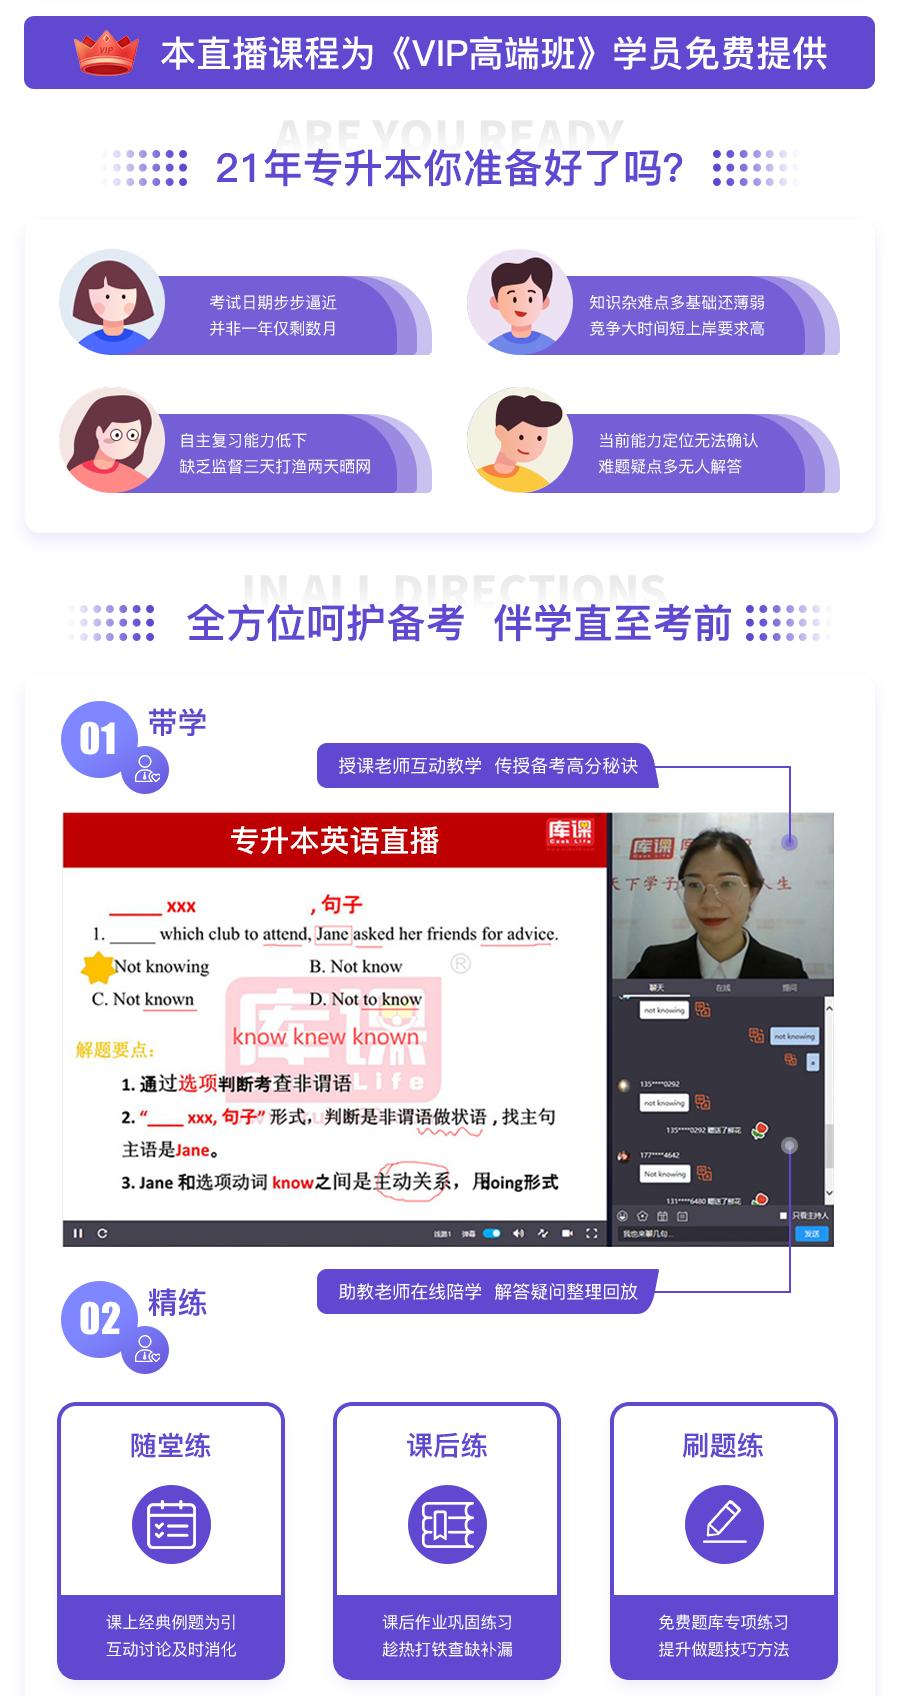 河南英语+高数上岸计划_02.png